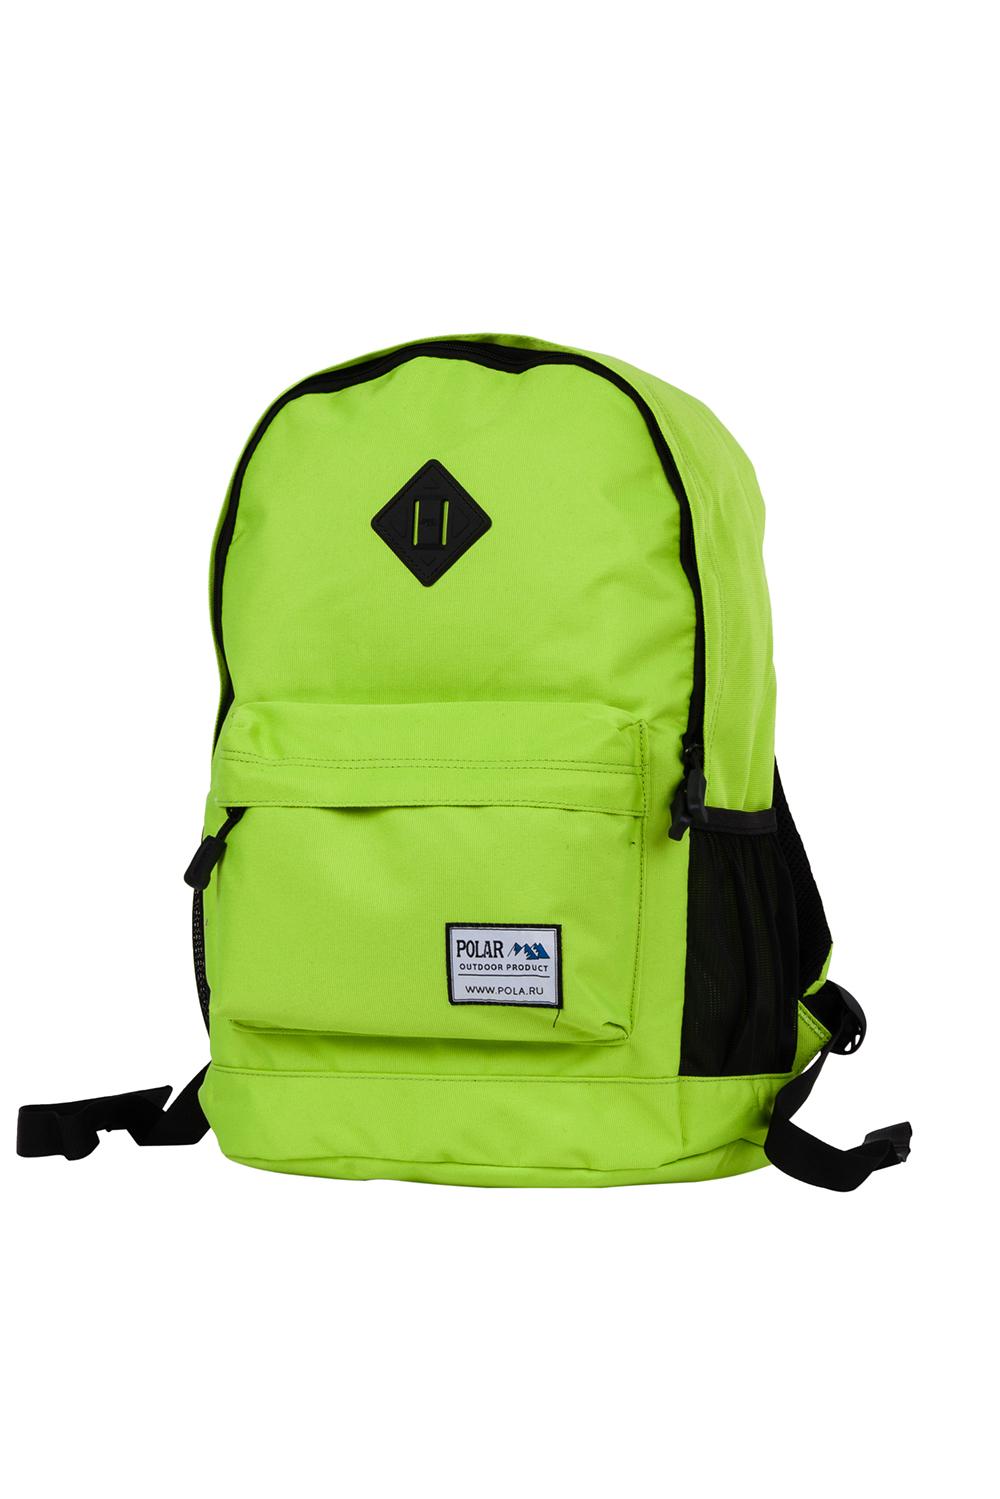 РюкзакРюкзаки<br>Модный рюкзак для активного отдыха или занятий спортом из качественных ярких материалов. Одно основное отделение на двухсторонней молнии. Снаружи передний карман на молнии, удобные лямки и ручка.  Размеры: 33*16*43 см  Цвет: салатовый, черный<br><br>По материалу: Тканевые<br>По рисунку: Однотонные,Цветные<br>По способу ношения: На плечо<br>По степени жесткости: Мягкие<br>По типу застежки: С застежкой молнией<br>Ручки: Плечевые<br>По сезону: Всесезон<br>По стилю: Повседневный стиль,Спортивный стиль<br>По форме: Прямоугольные<br>Размер : UNI<br>Материал: Полиэстер<br>Количество в наличии: 1